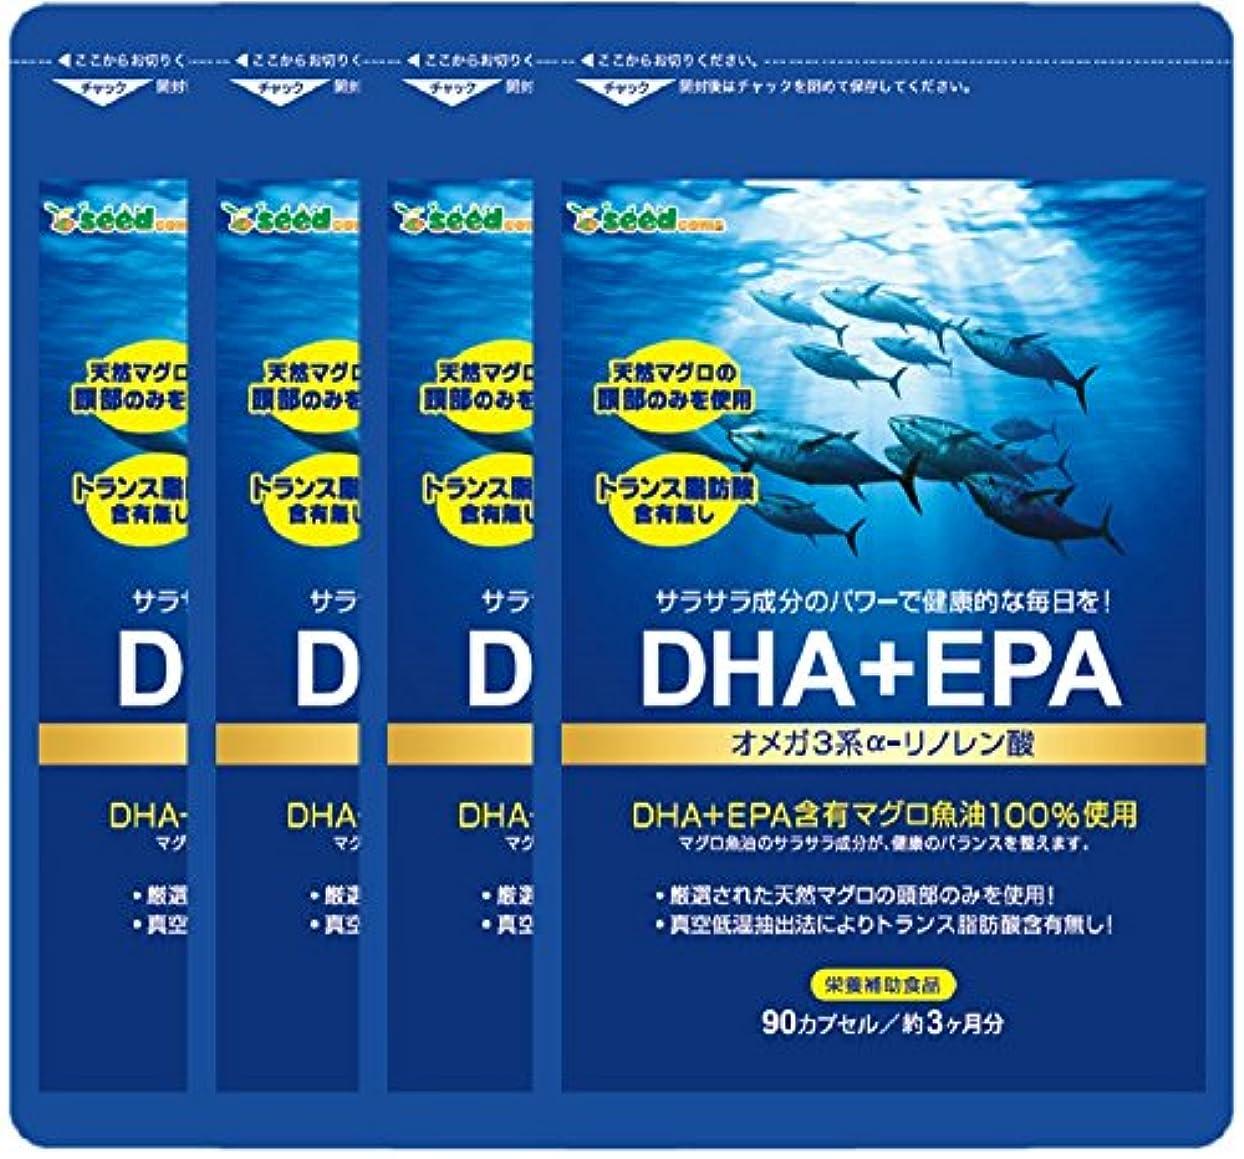 浪費ライフルピアニストDHA+EPA 約12ケ月分 (オメガ系α-リノレン酸) ビンチョウマグロの頭部のみを贅沢に使用!!トランス脂肪酸0㎎